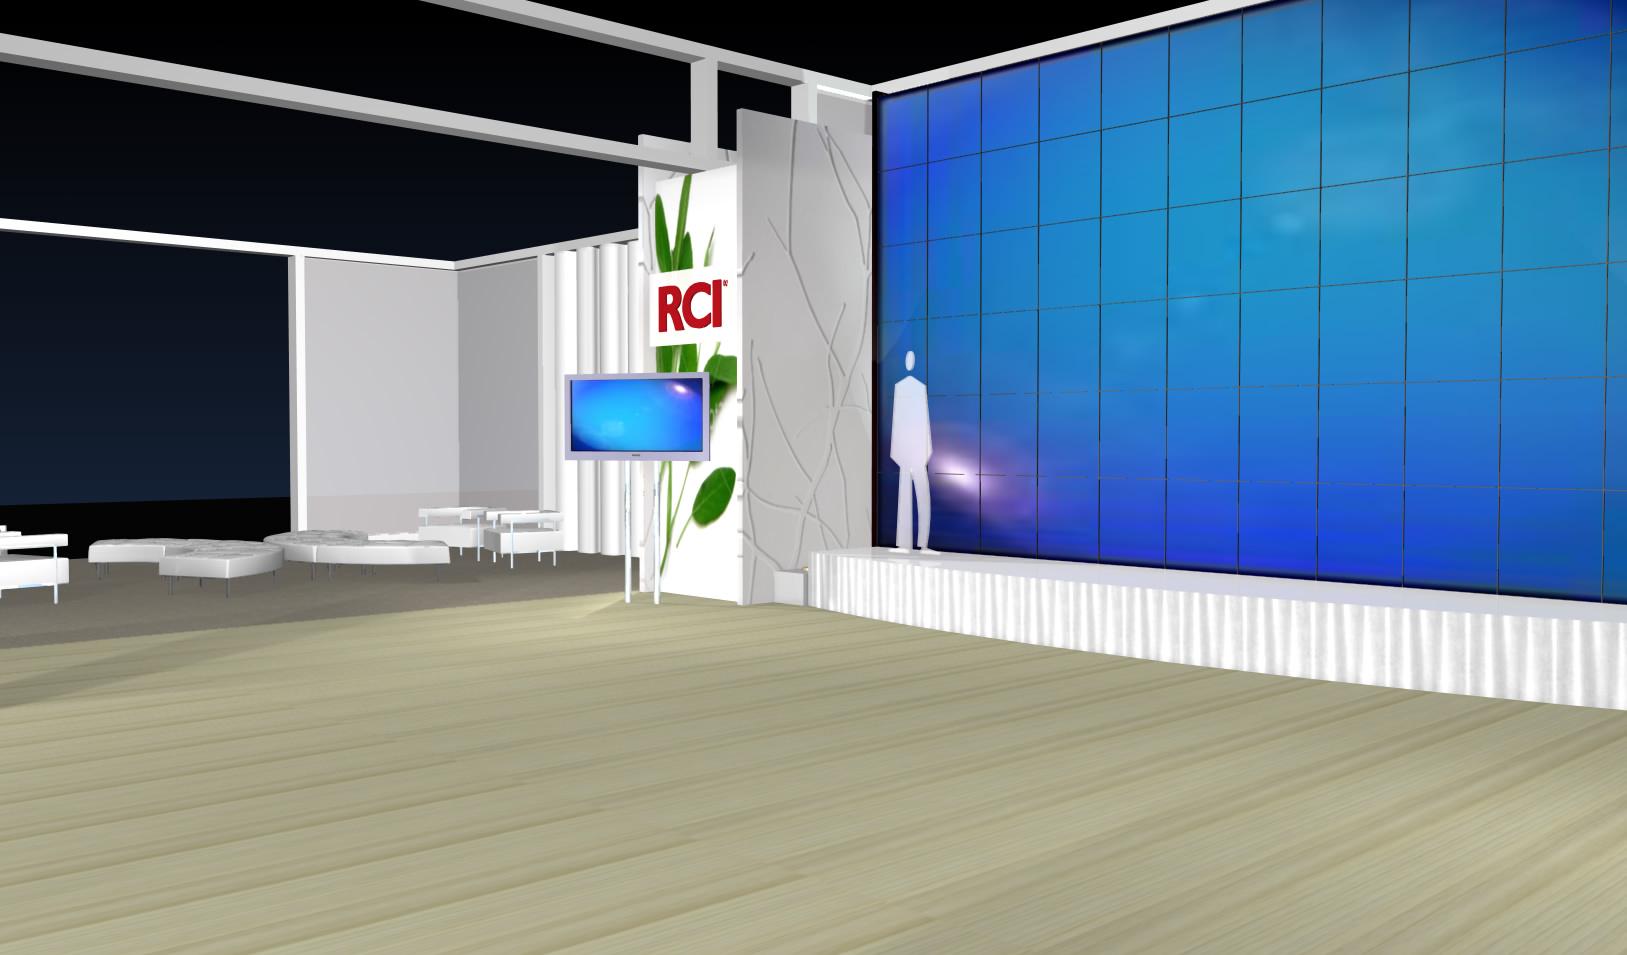 RCI_50x90_Stage.jpg